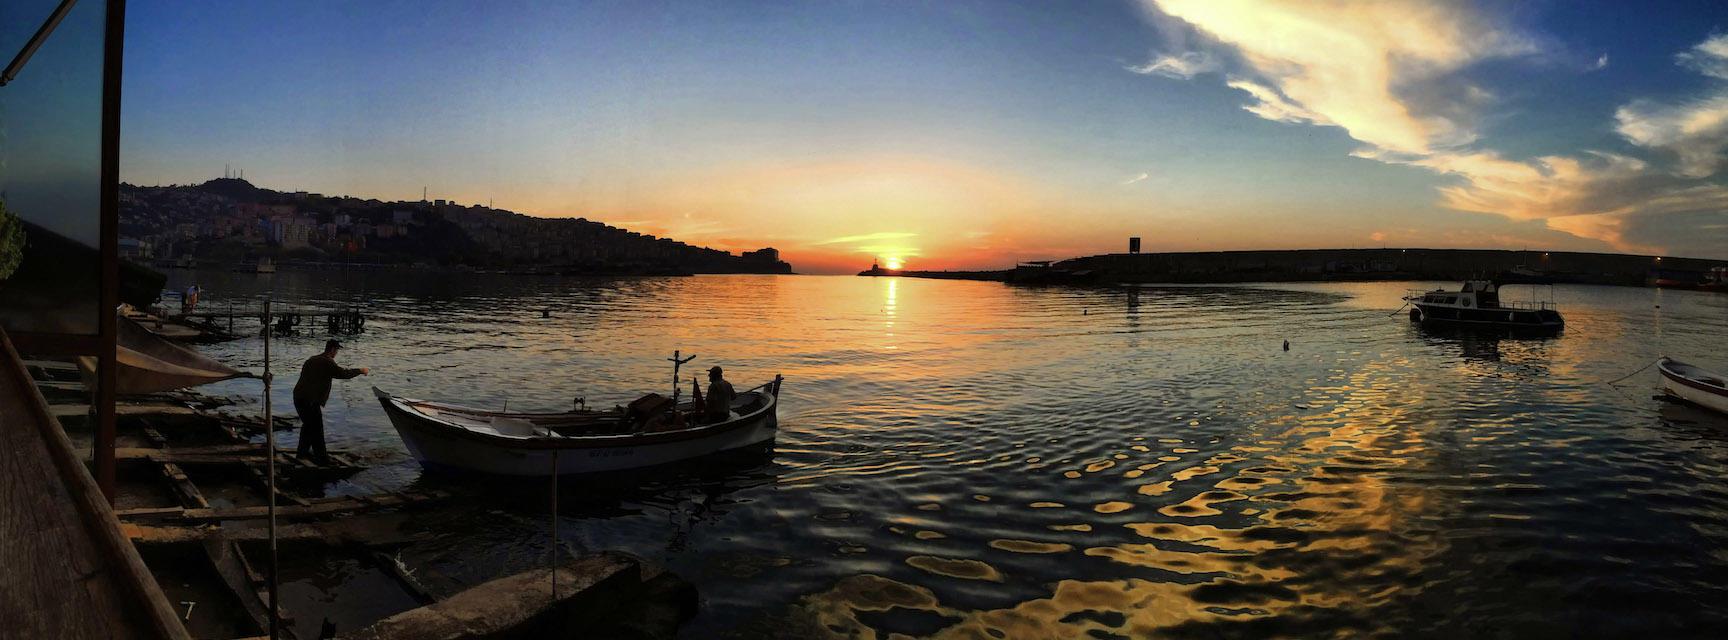 zonguldak  fishing at dawn